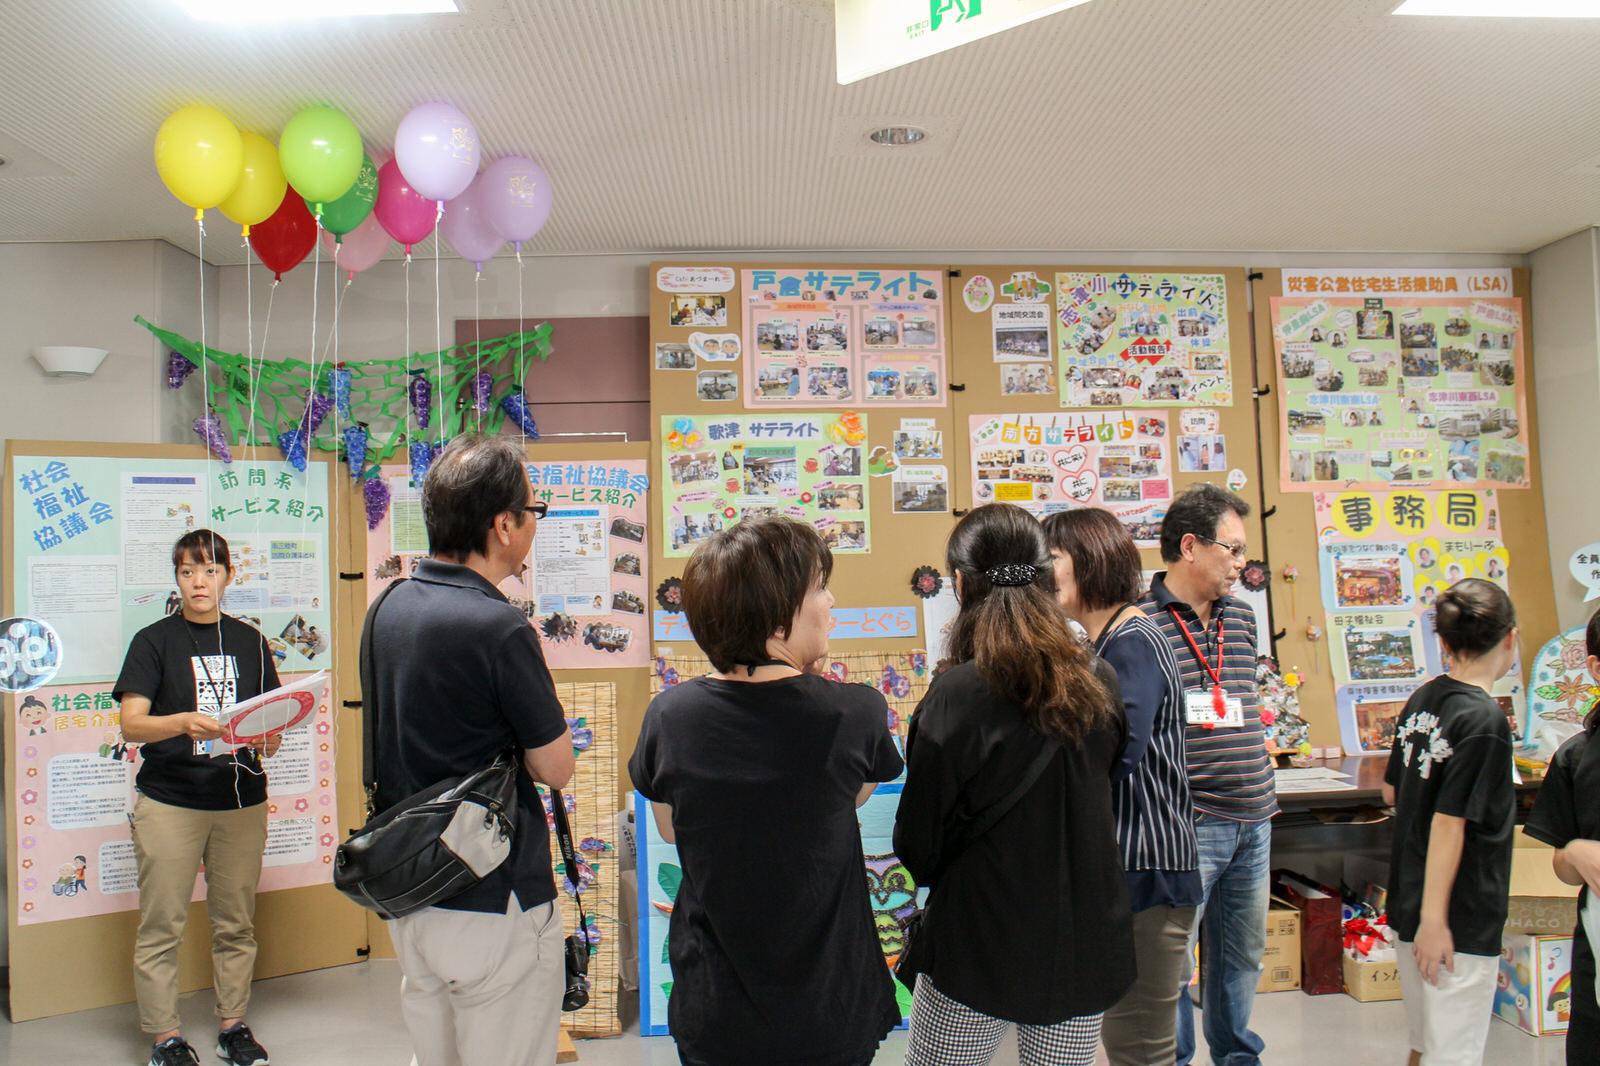 各団体の活動紹介 町の福祉の情報やネットワークがよく分かります